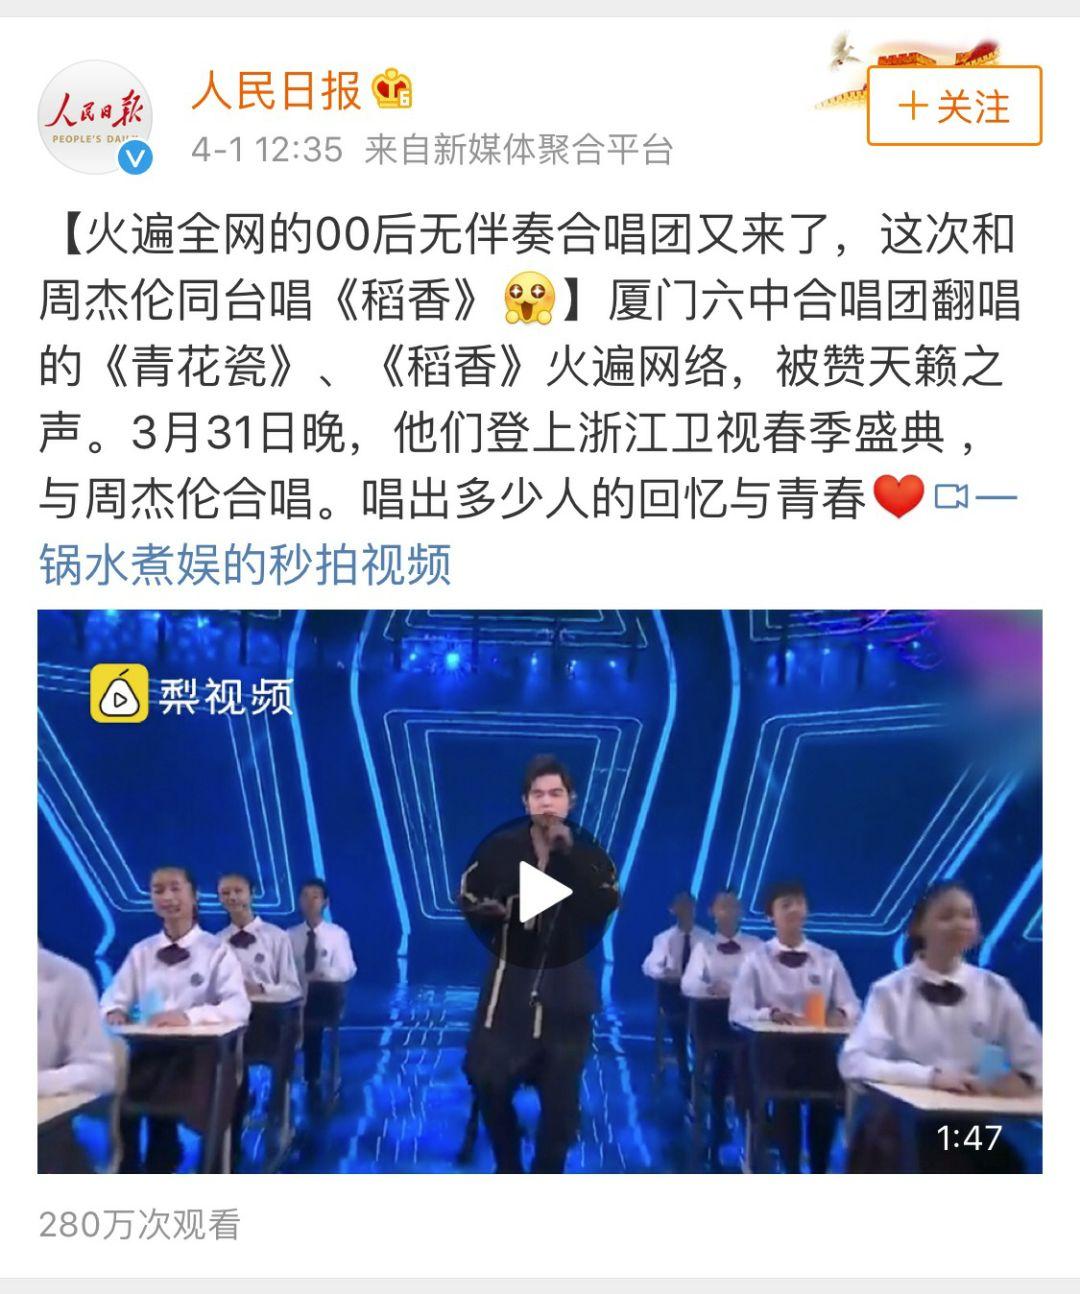 阿卡贝拉版《稻香》引爆全网回忆杀!浙江卫视春季盛典